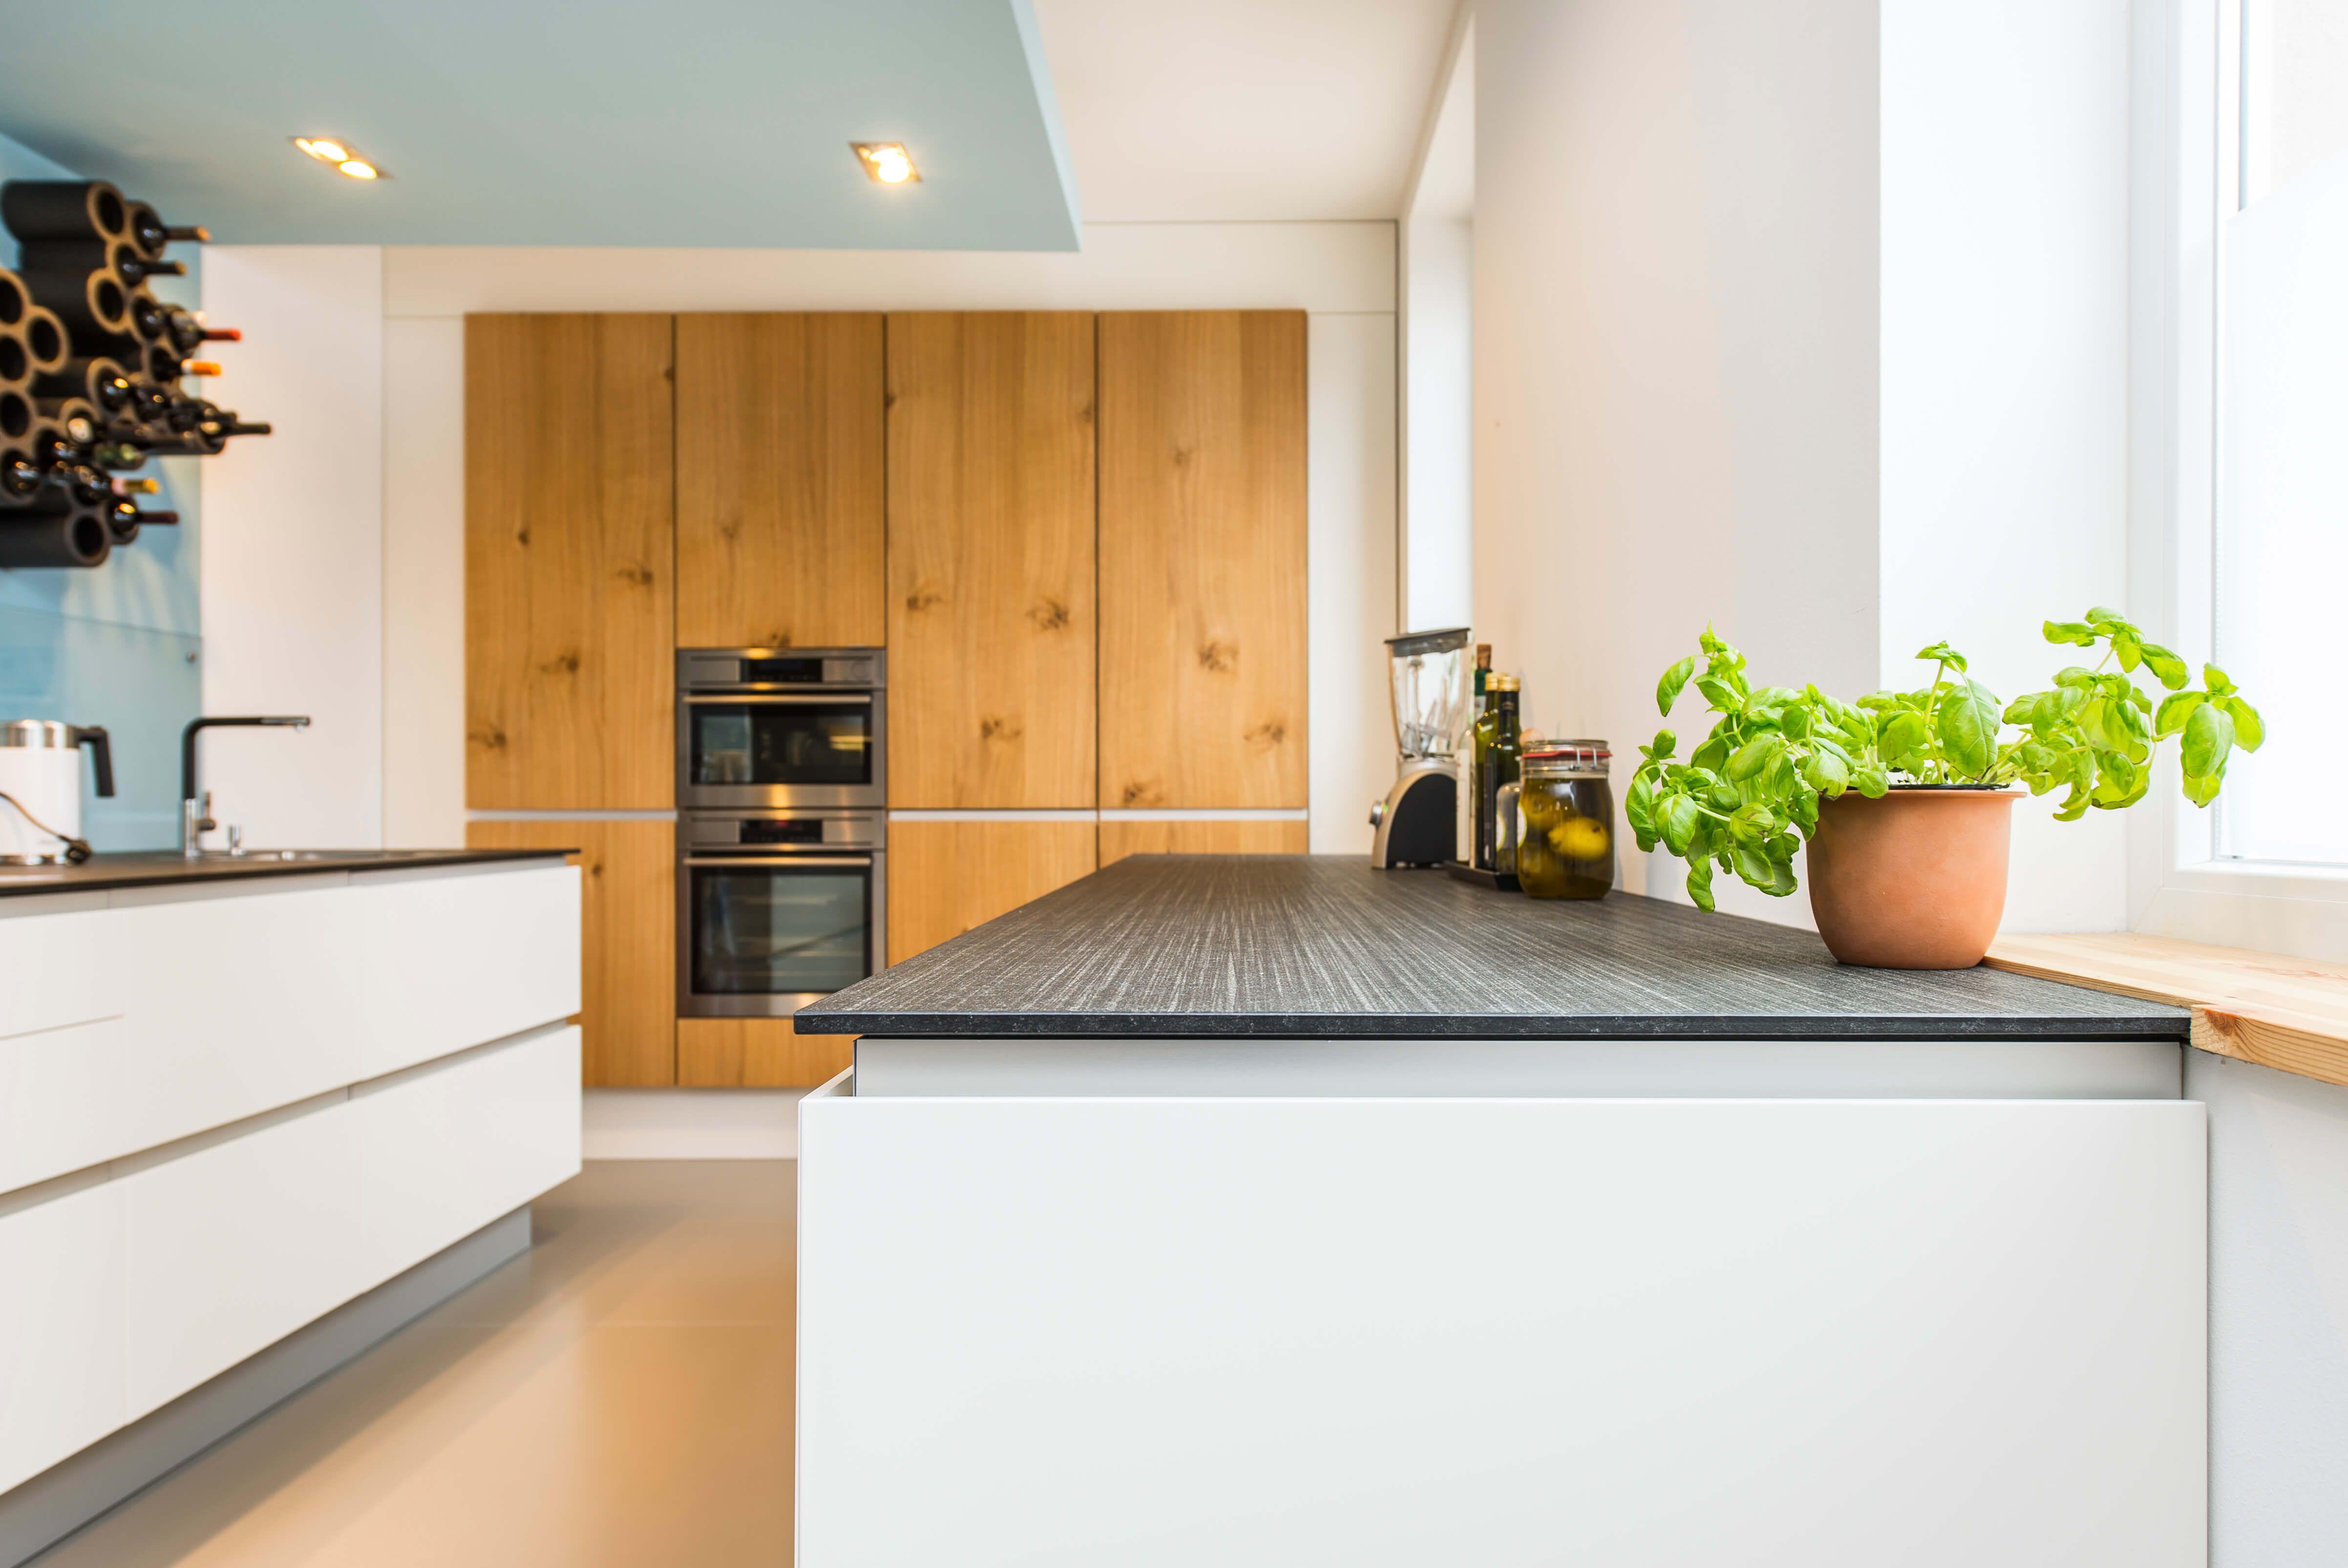 Skandinavisches Design Moderne Wohnkuche Im Alten Weinmeisterhaus Kuchenfinder Arbeitsplatte Wohnkuche Kuche Gestalten